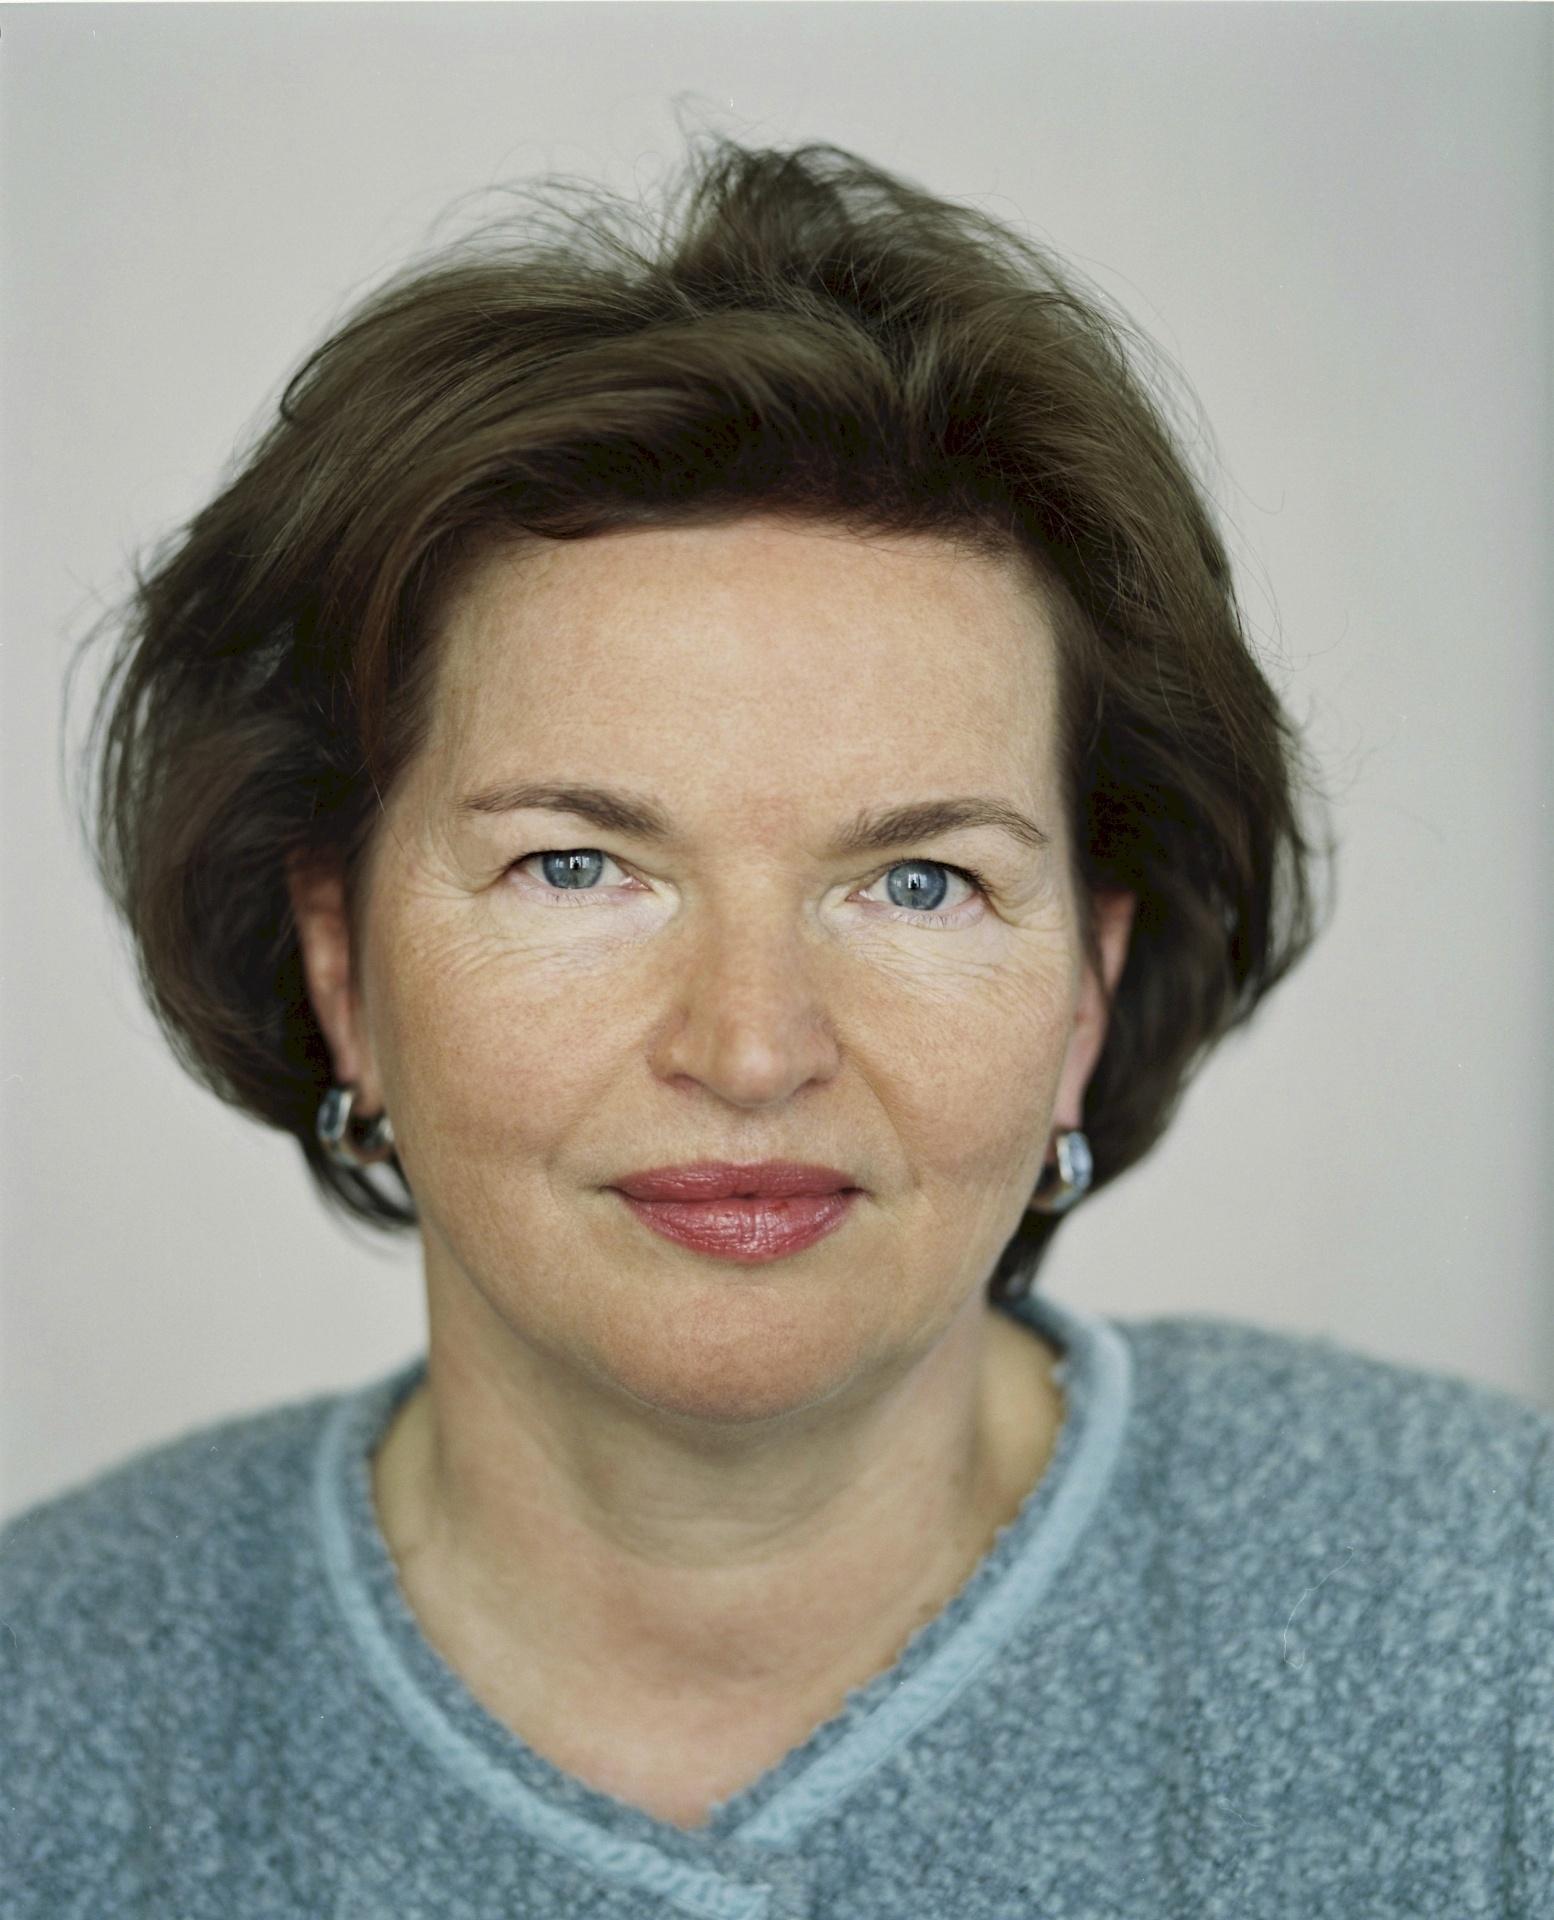 Gertrude Tumpel-Gugerell